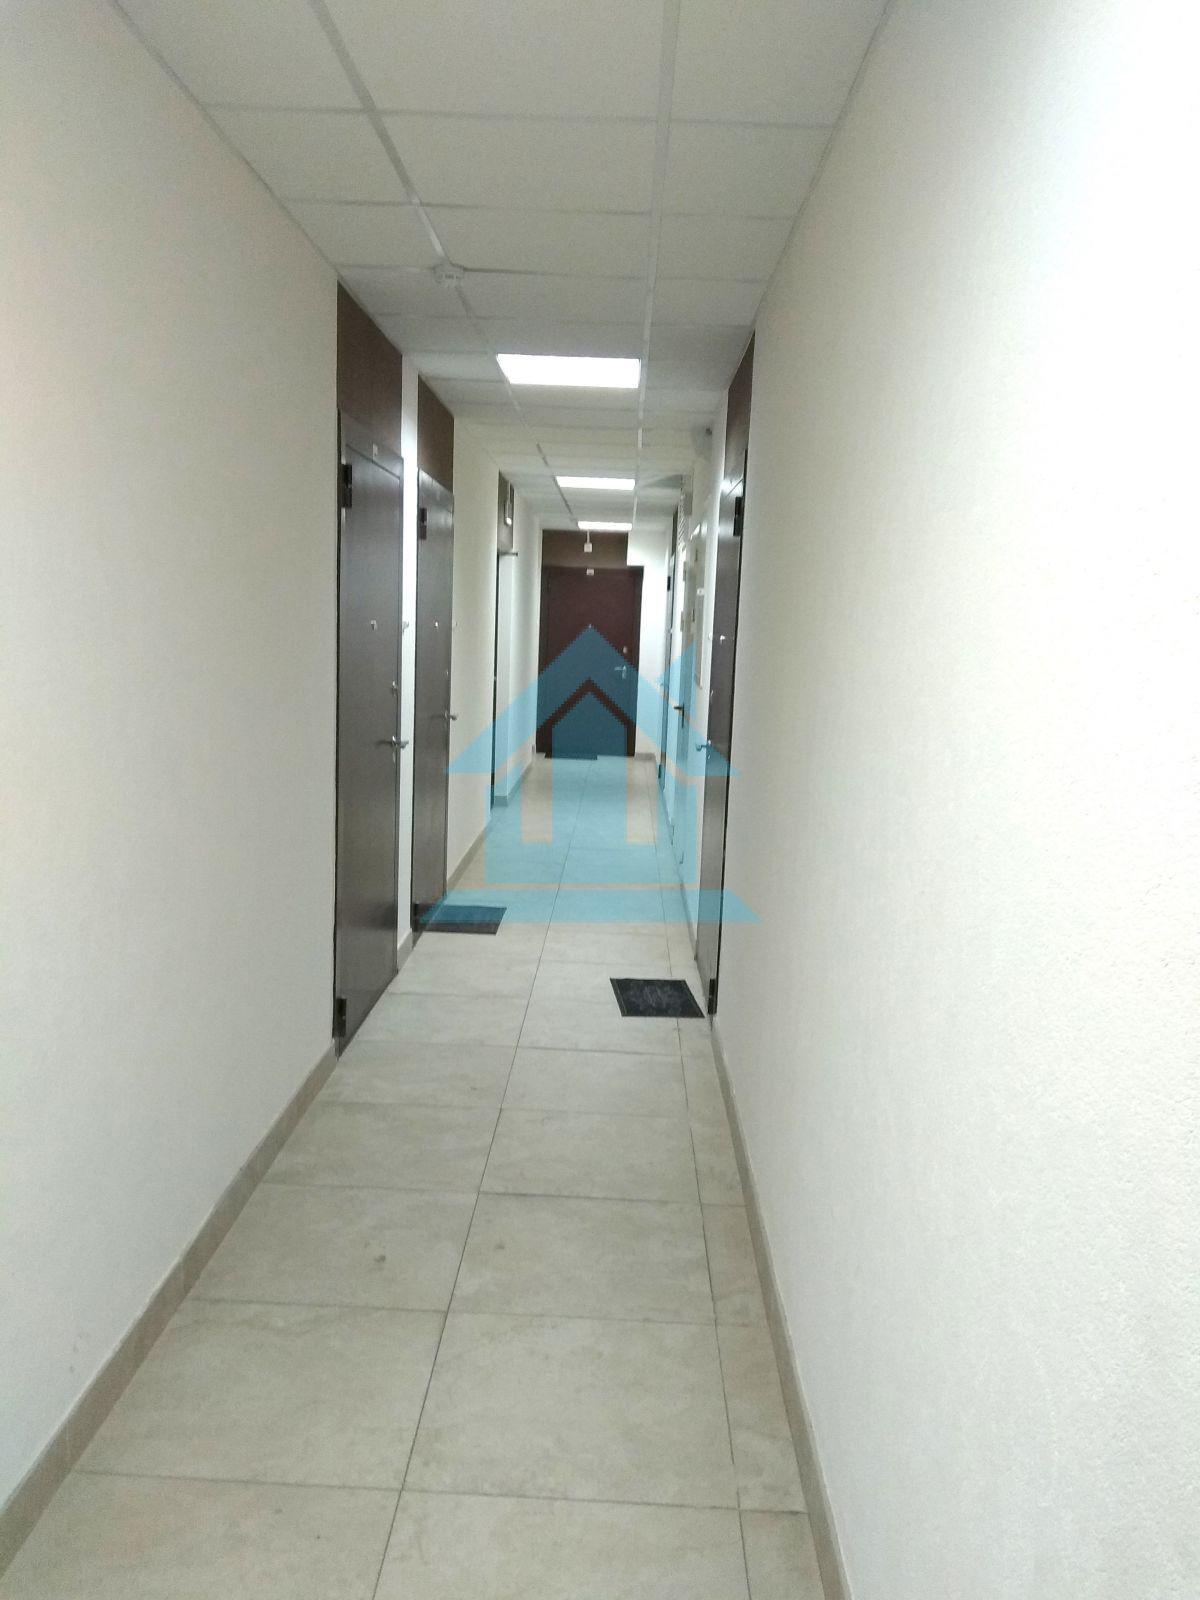 Квартира на продажу по адресу Россия, Санкт-Петербург, Санкт-Петербург, Ветеранов пр-кт, 171 к.5